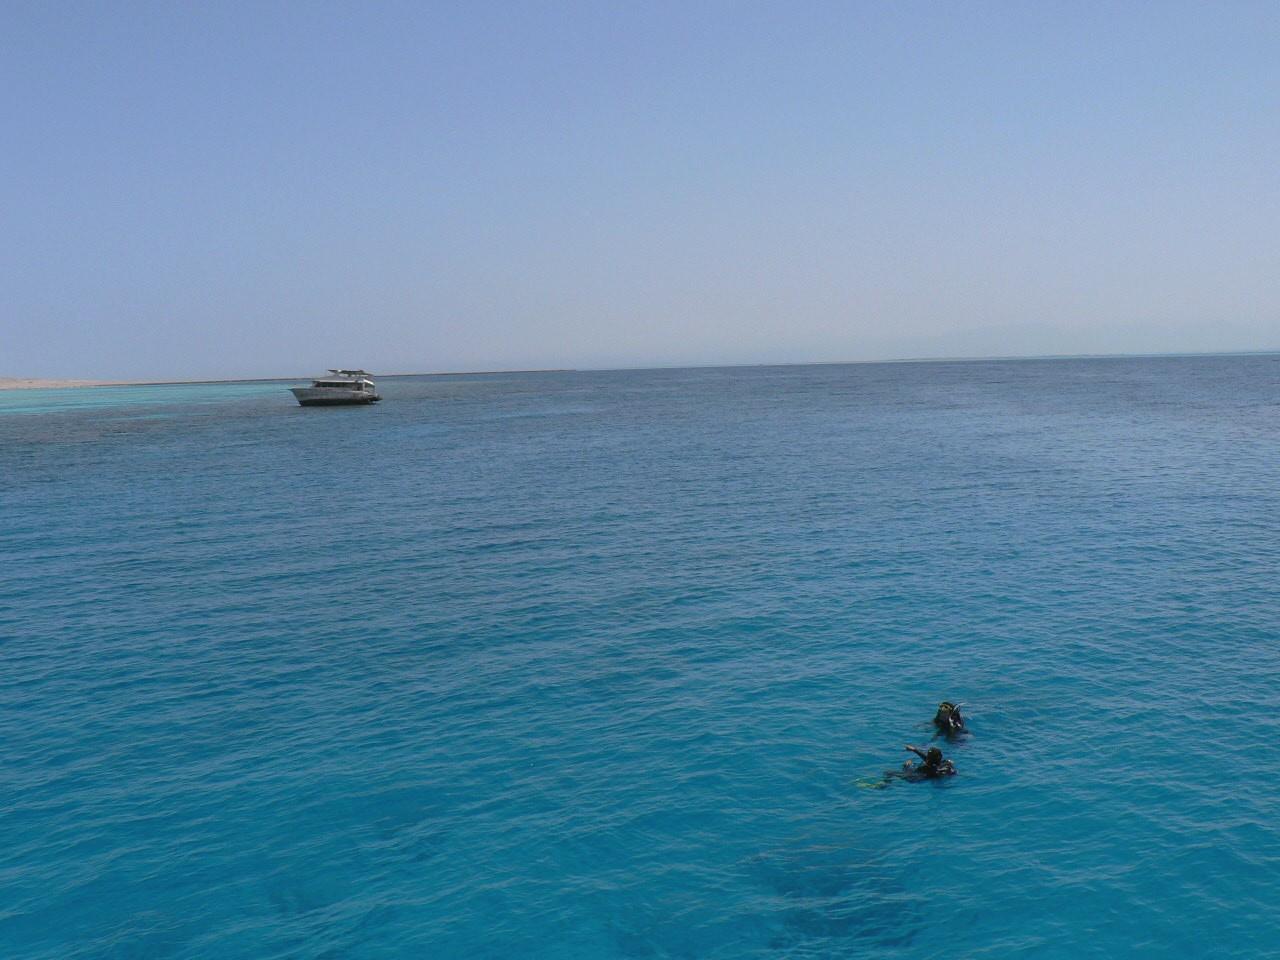 透き通る水ハルガダの海